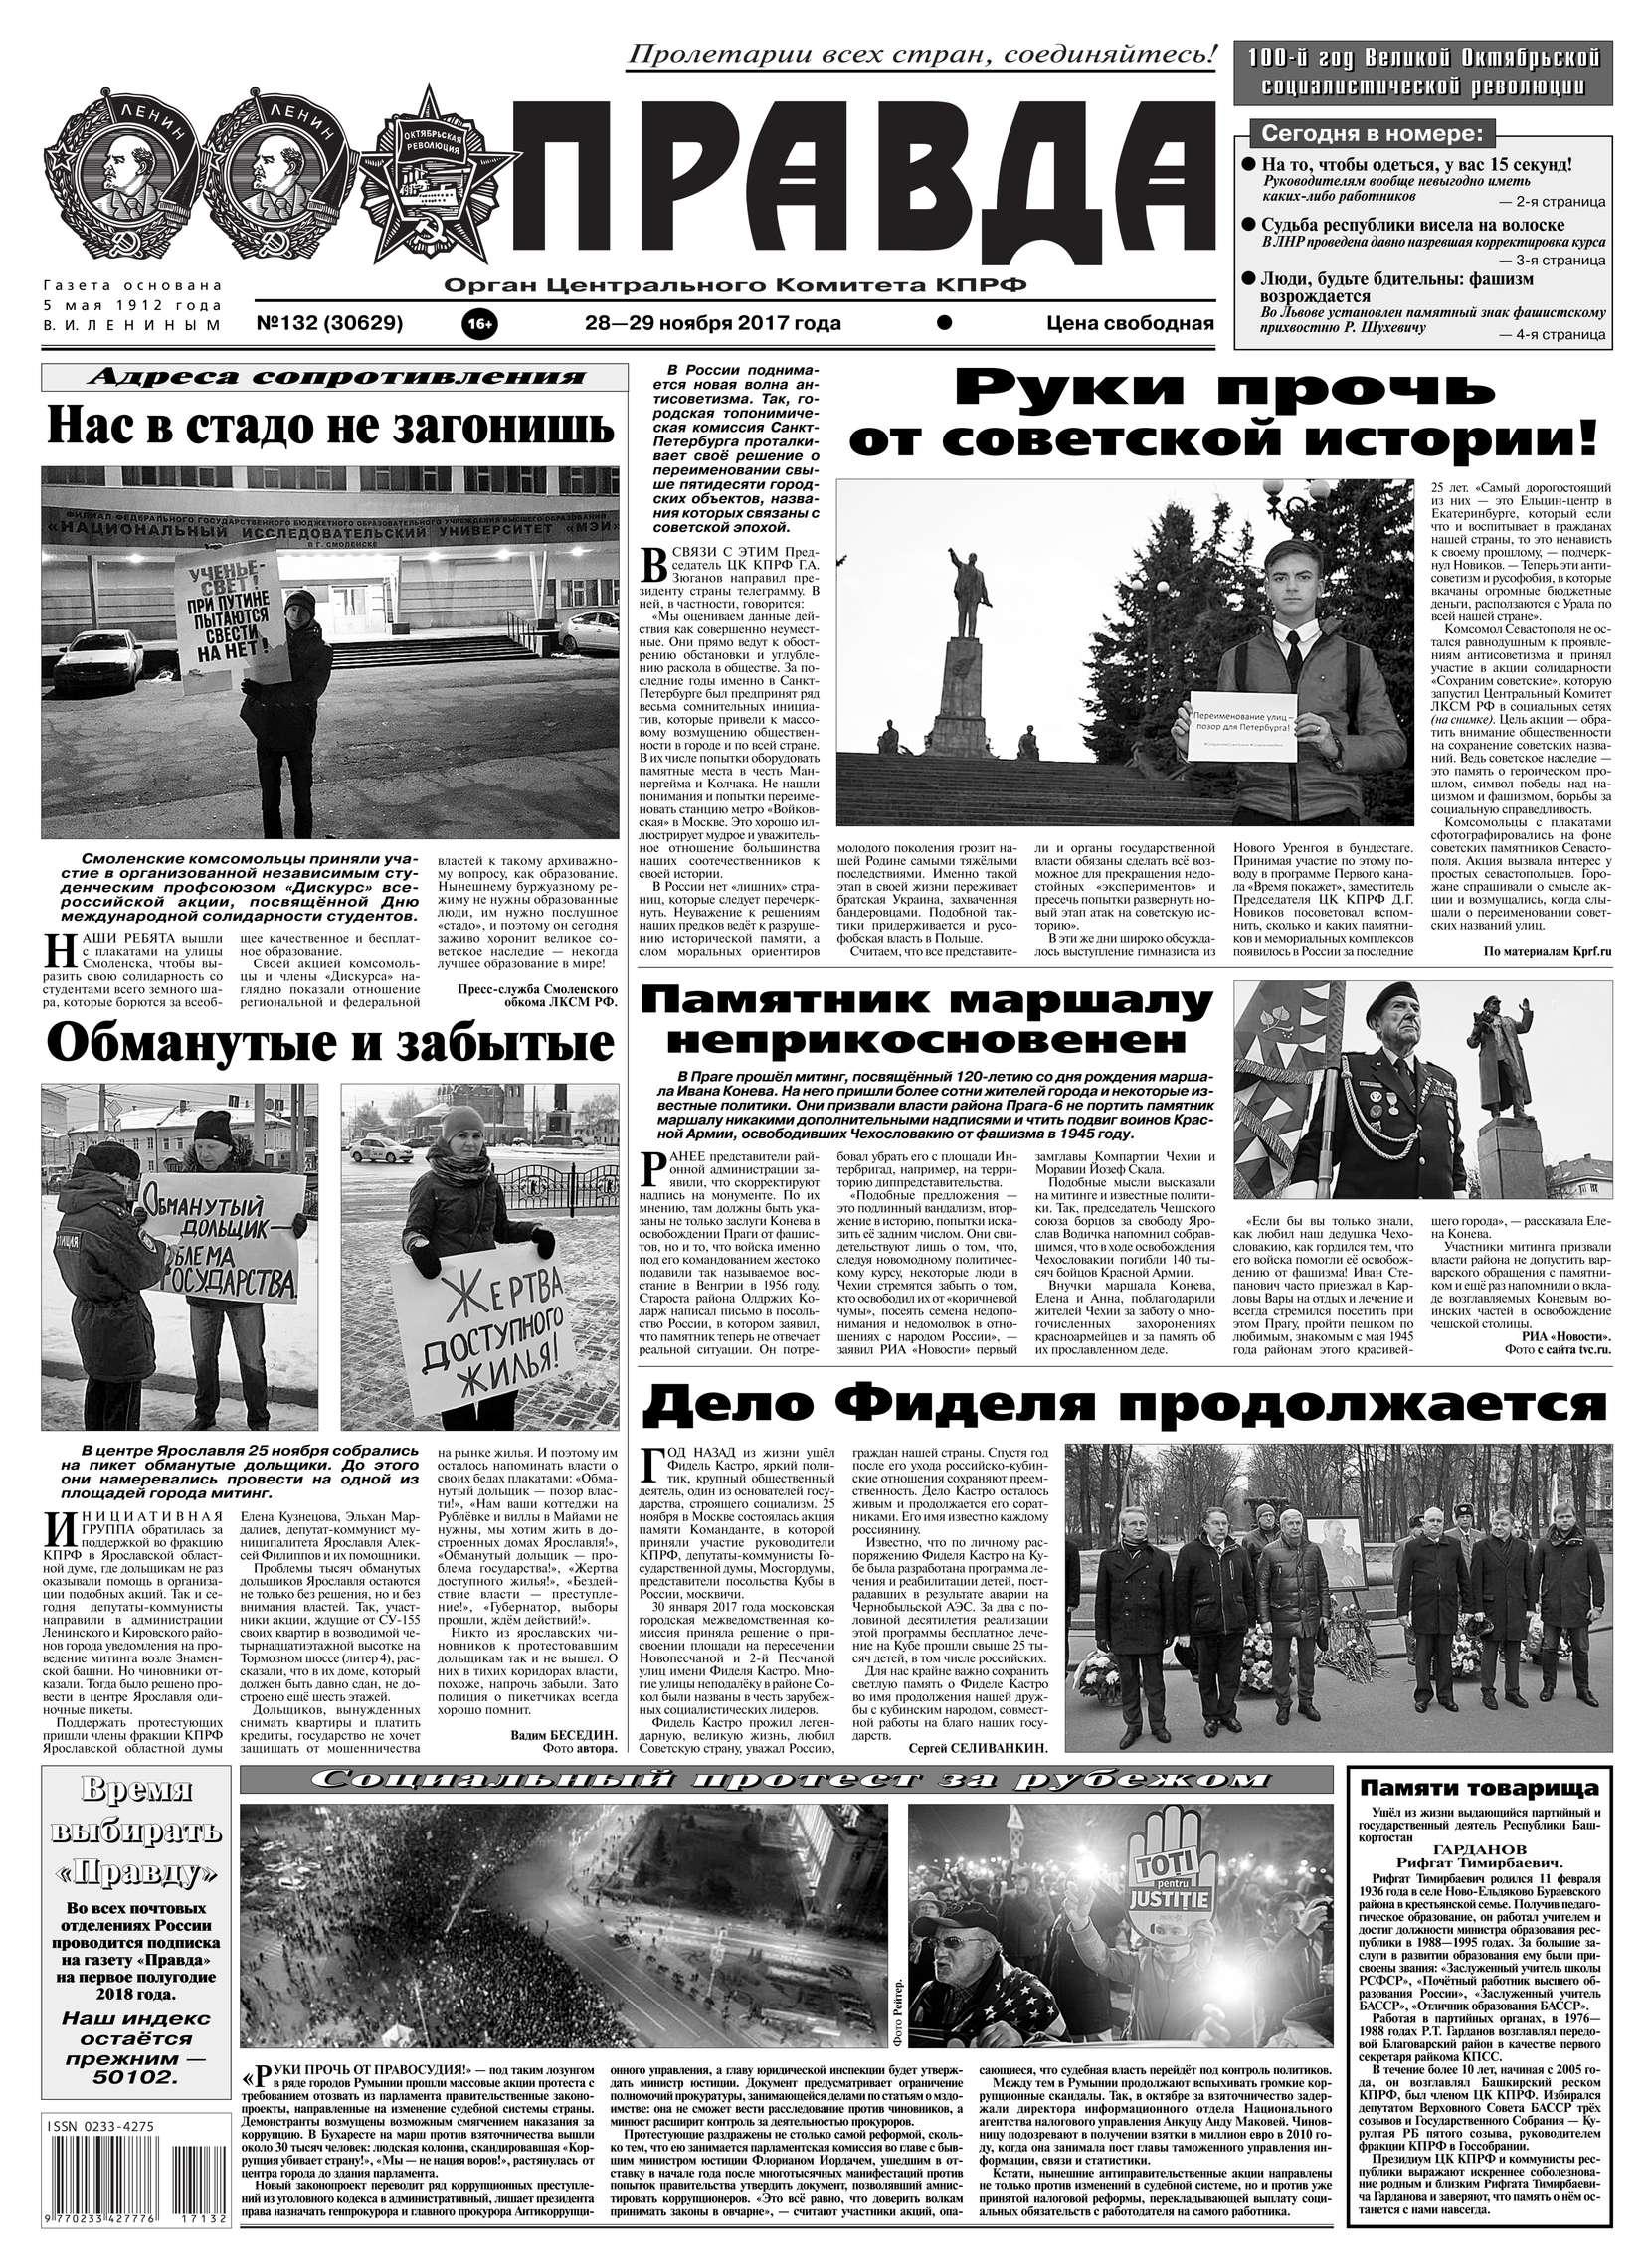 Редакция газеты Правда Правда 132-2017 редакция газеты новая газета новая газета 95 2017